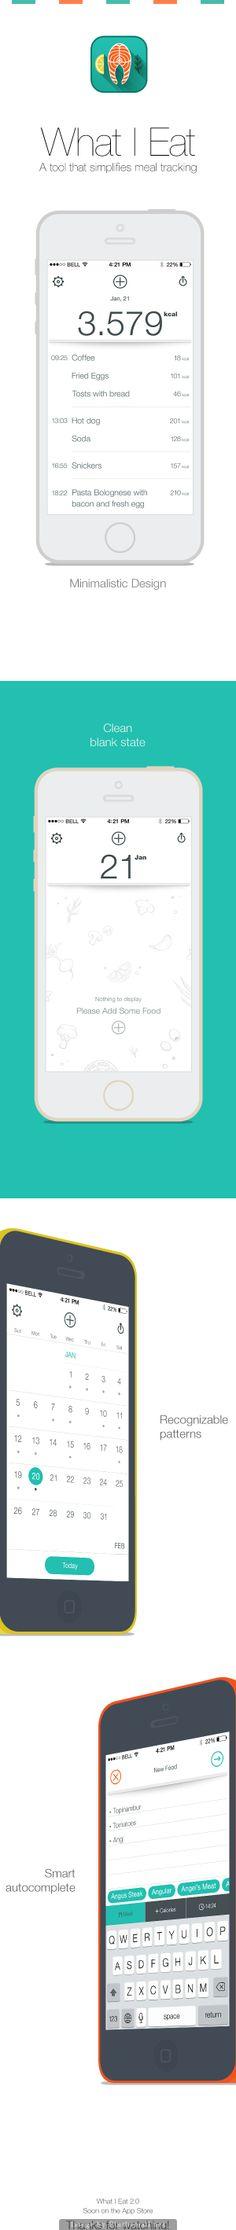 What I Eat App 2.0 #mobile #ui #design pinterest.com/alextcsung/